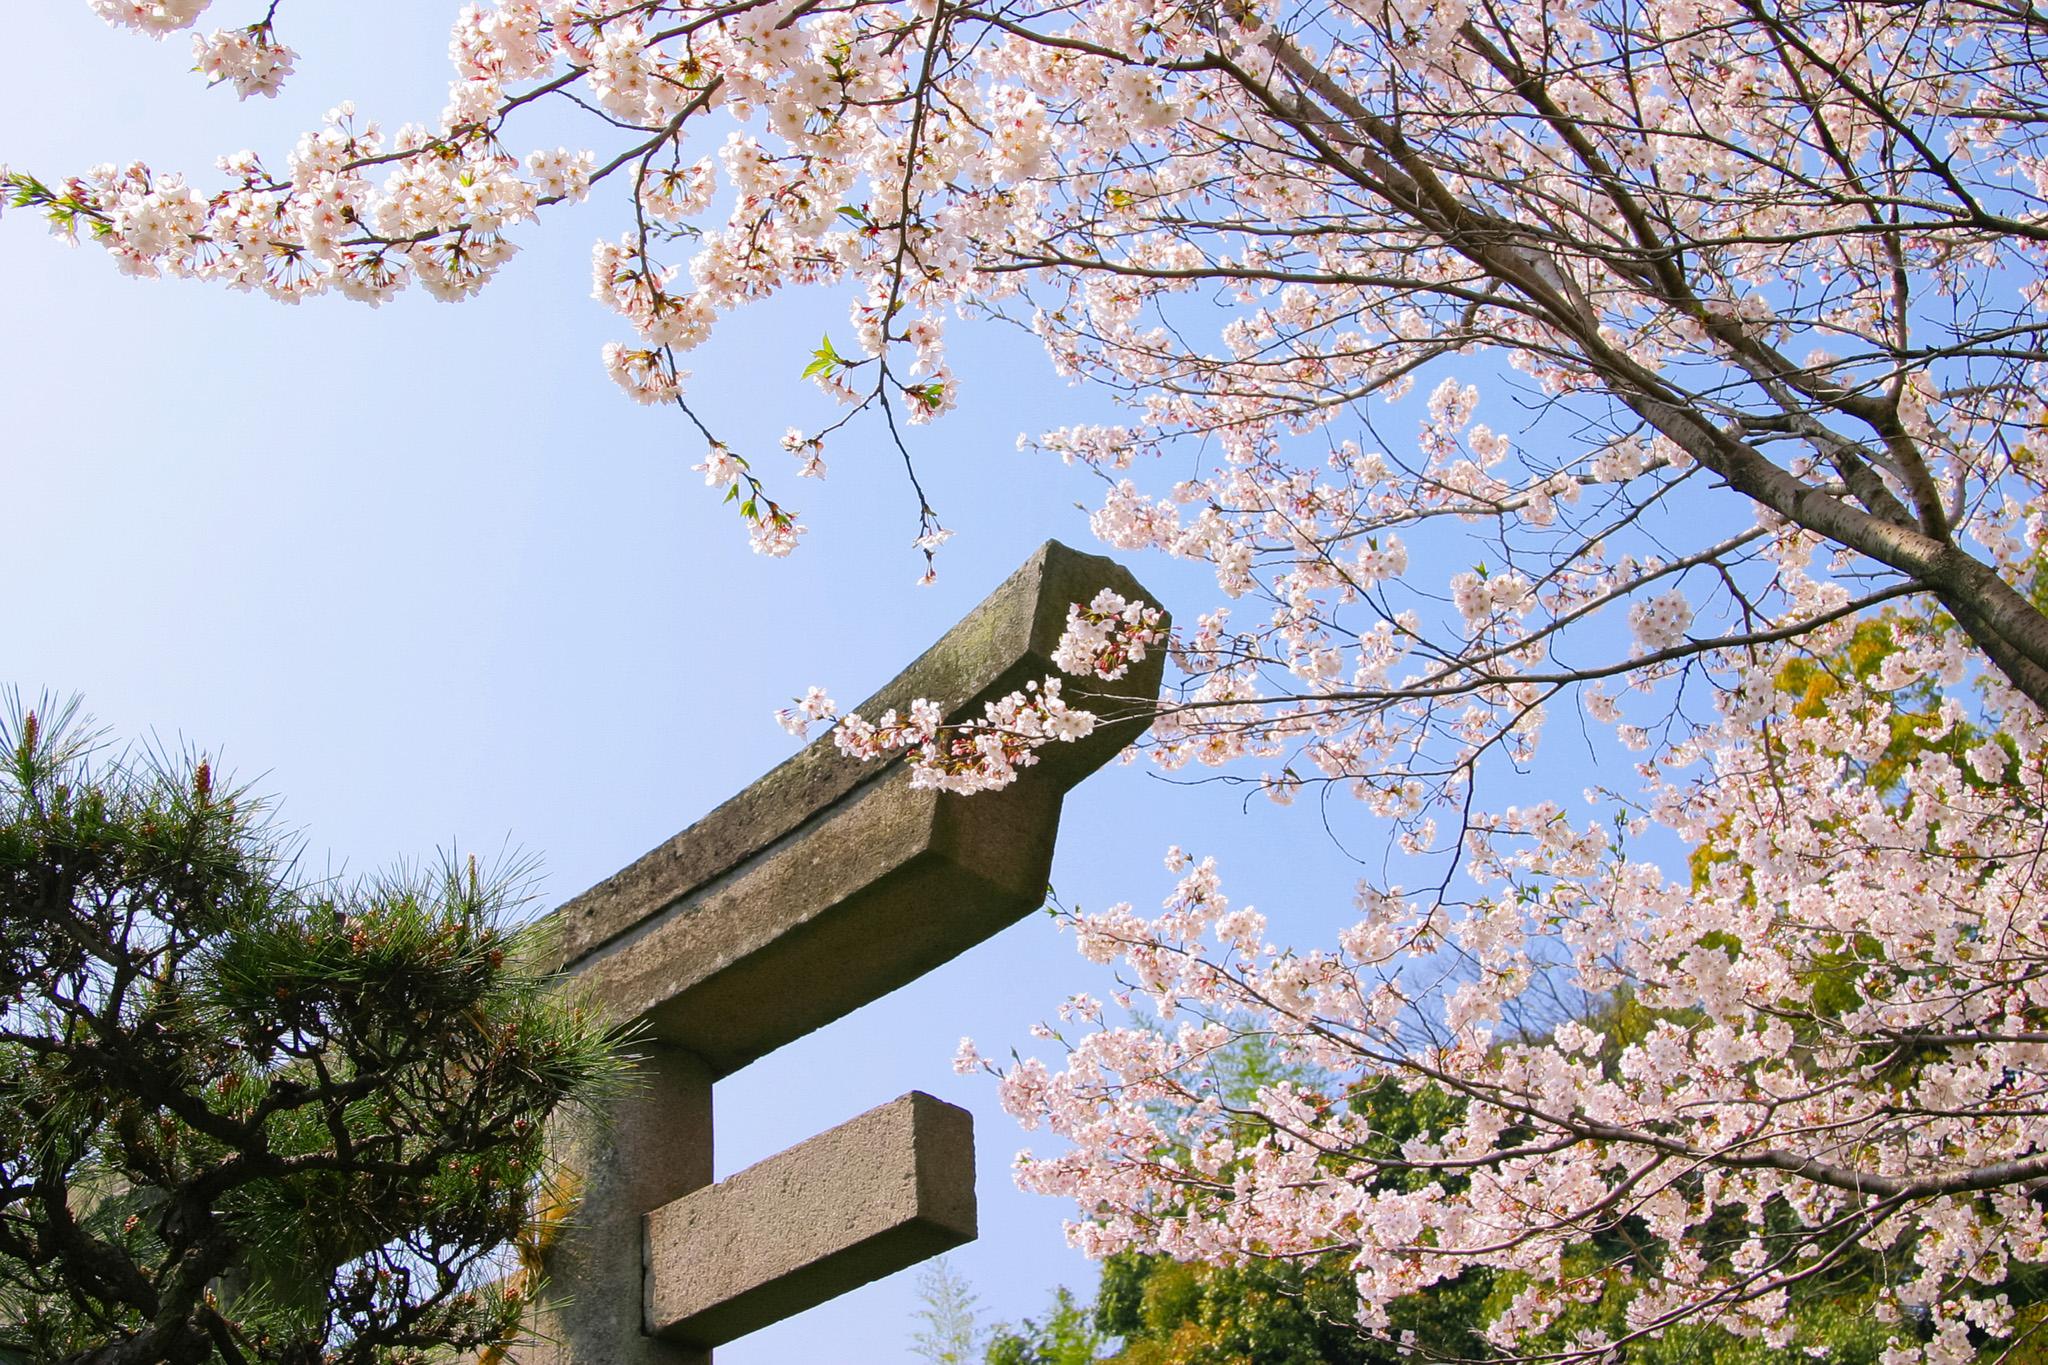 「鳥居と松と桜」の素材を無料ダウンロード